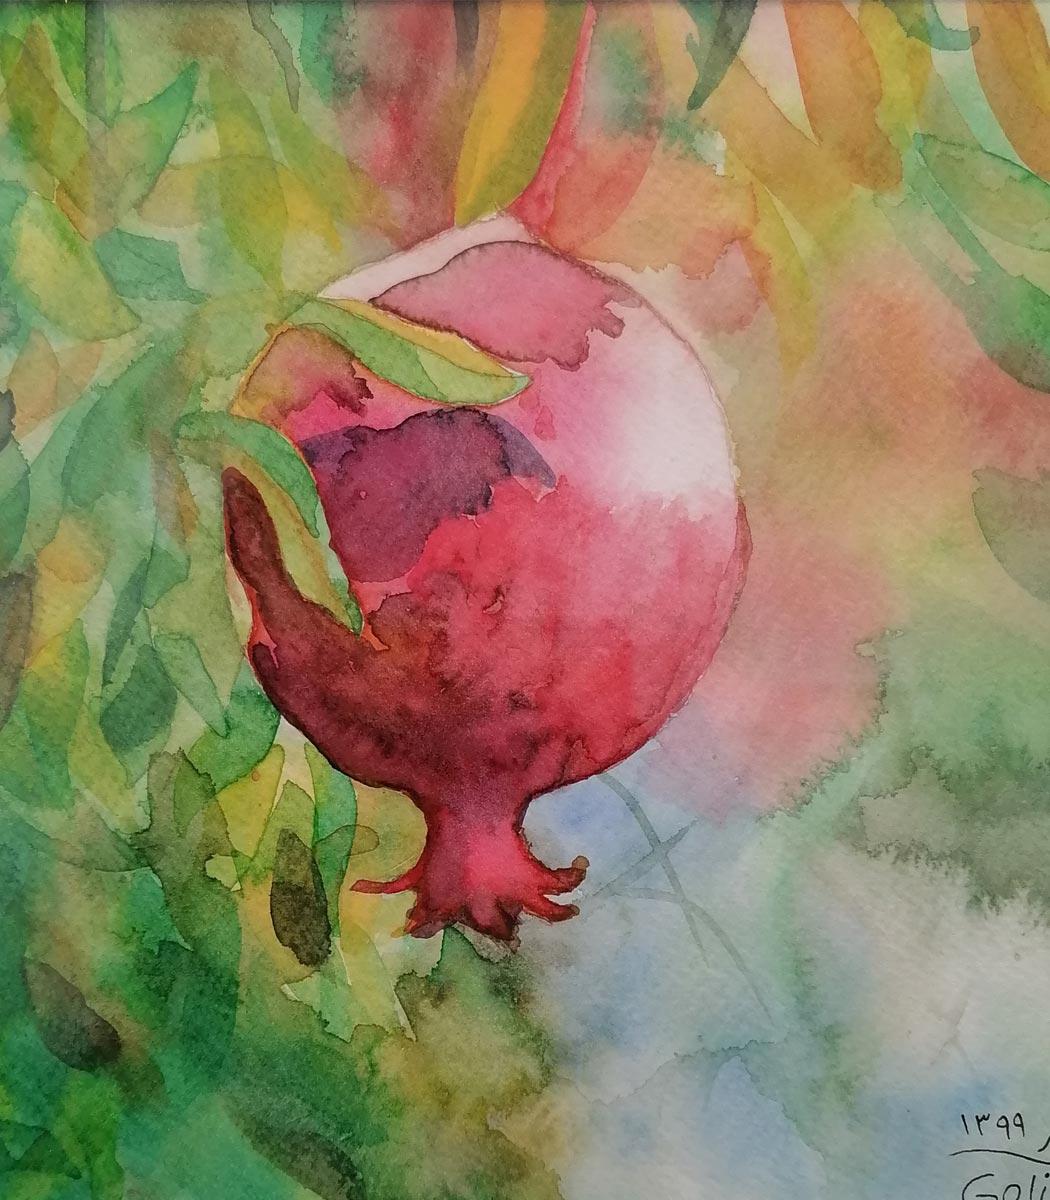 نقاشی آبرنگ انار